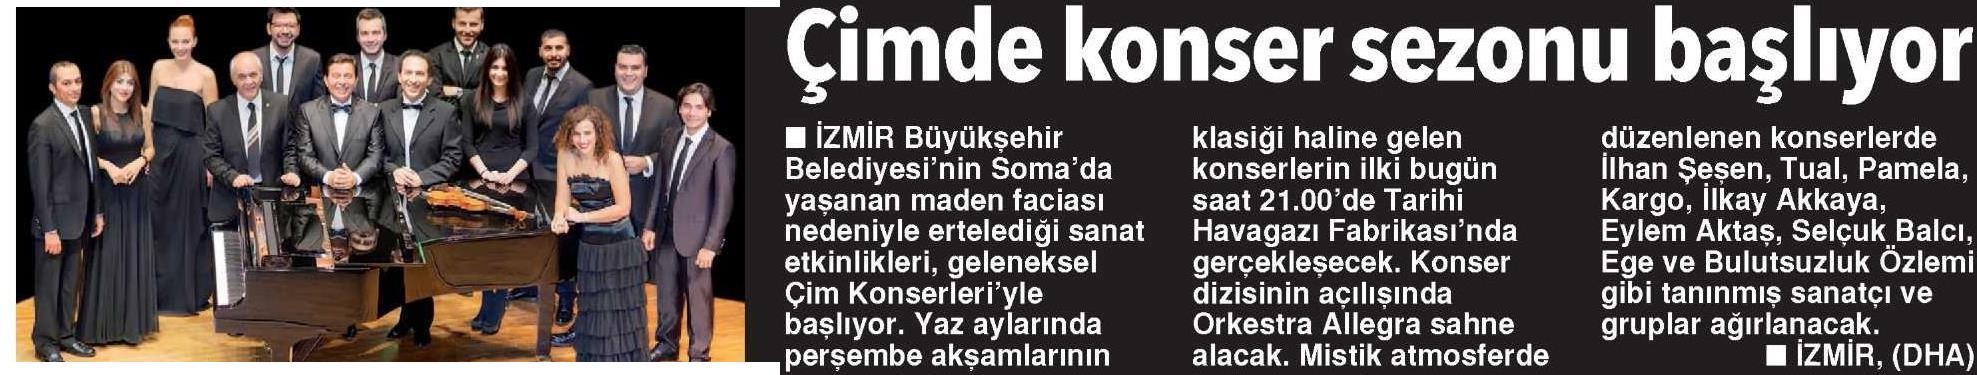 İzmir Hürriyet 29 Mayıs 2014